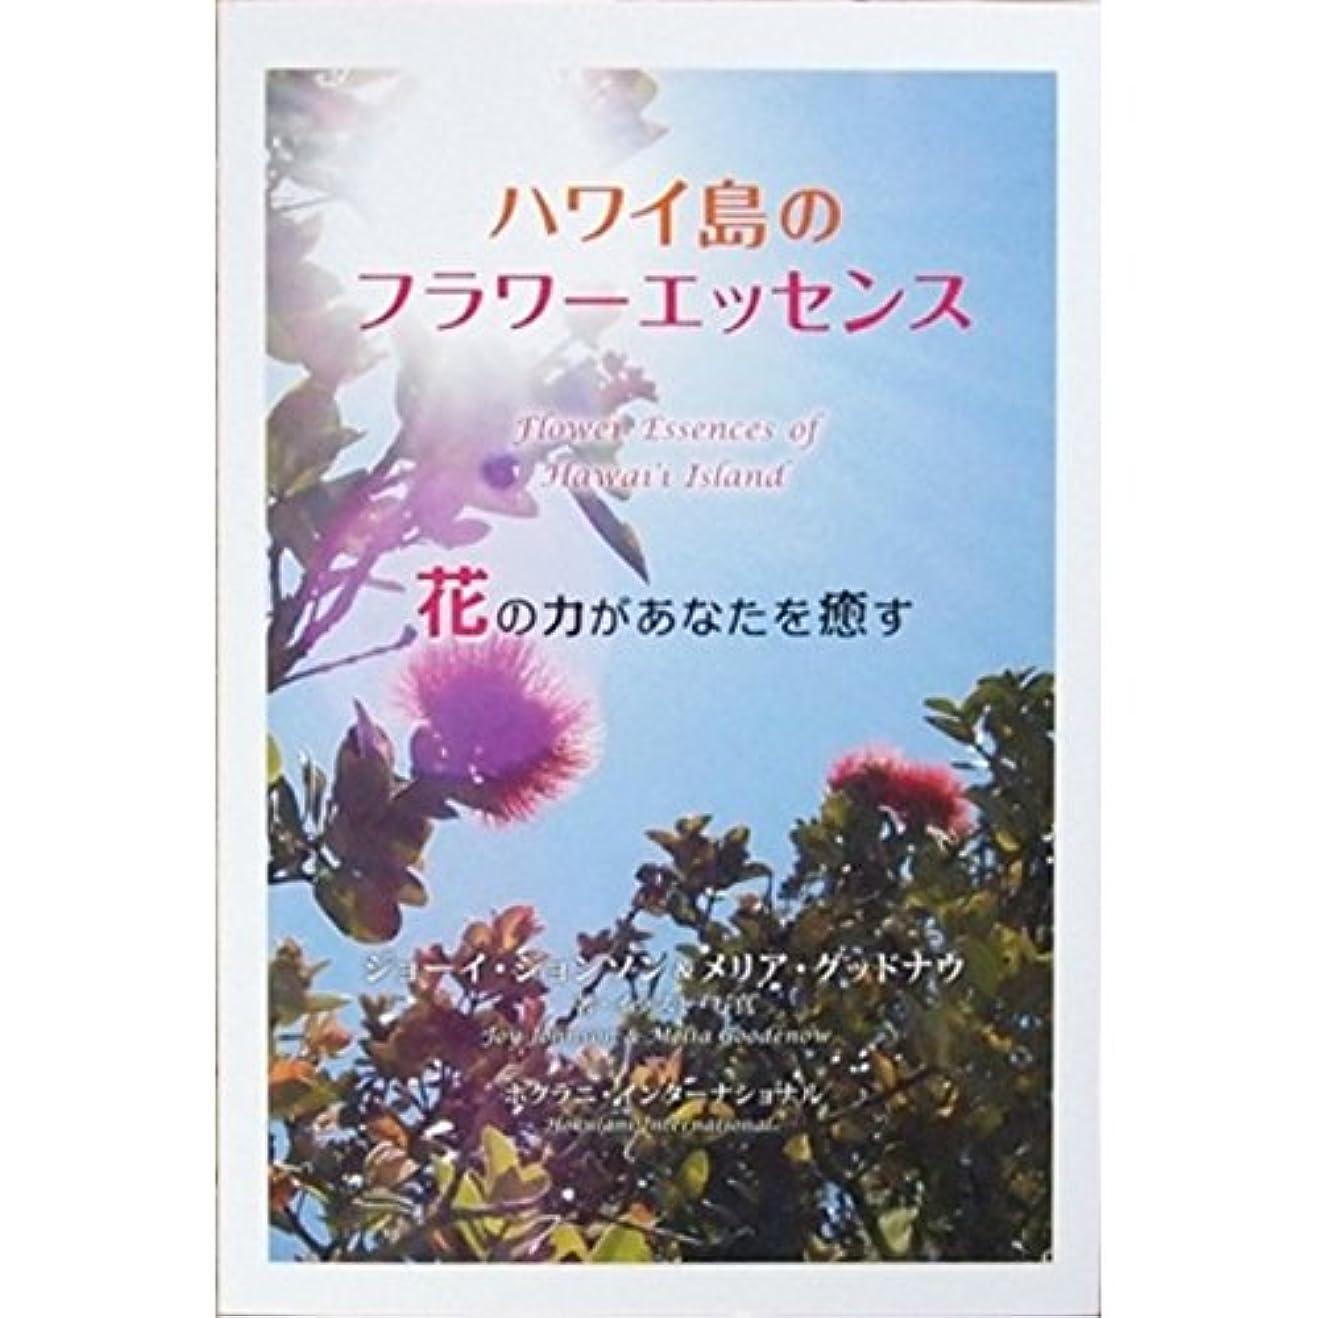 反響する反抗海嶺ハワイアン レインフォレスト ナチュラルズ 書籍『ハワイ島のフラワーエッセンス 花の力があなたを癒す』